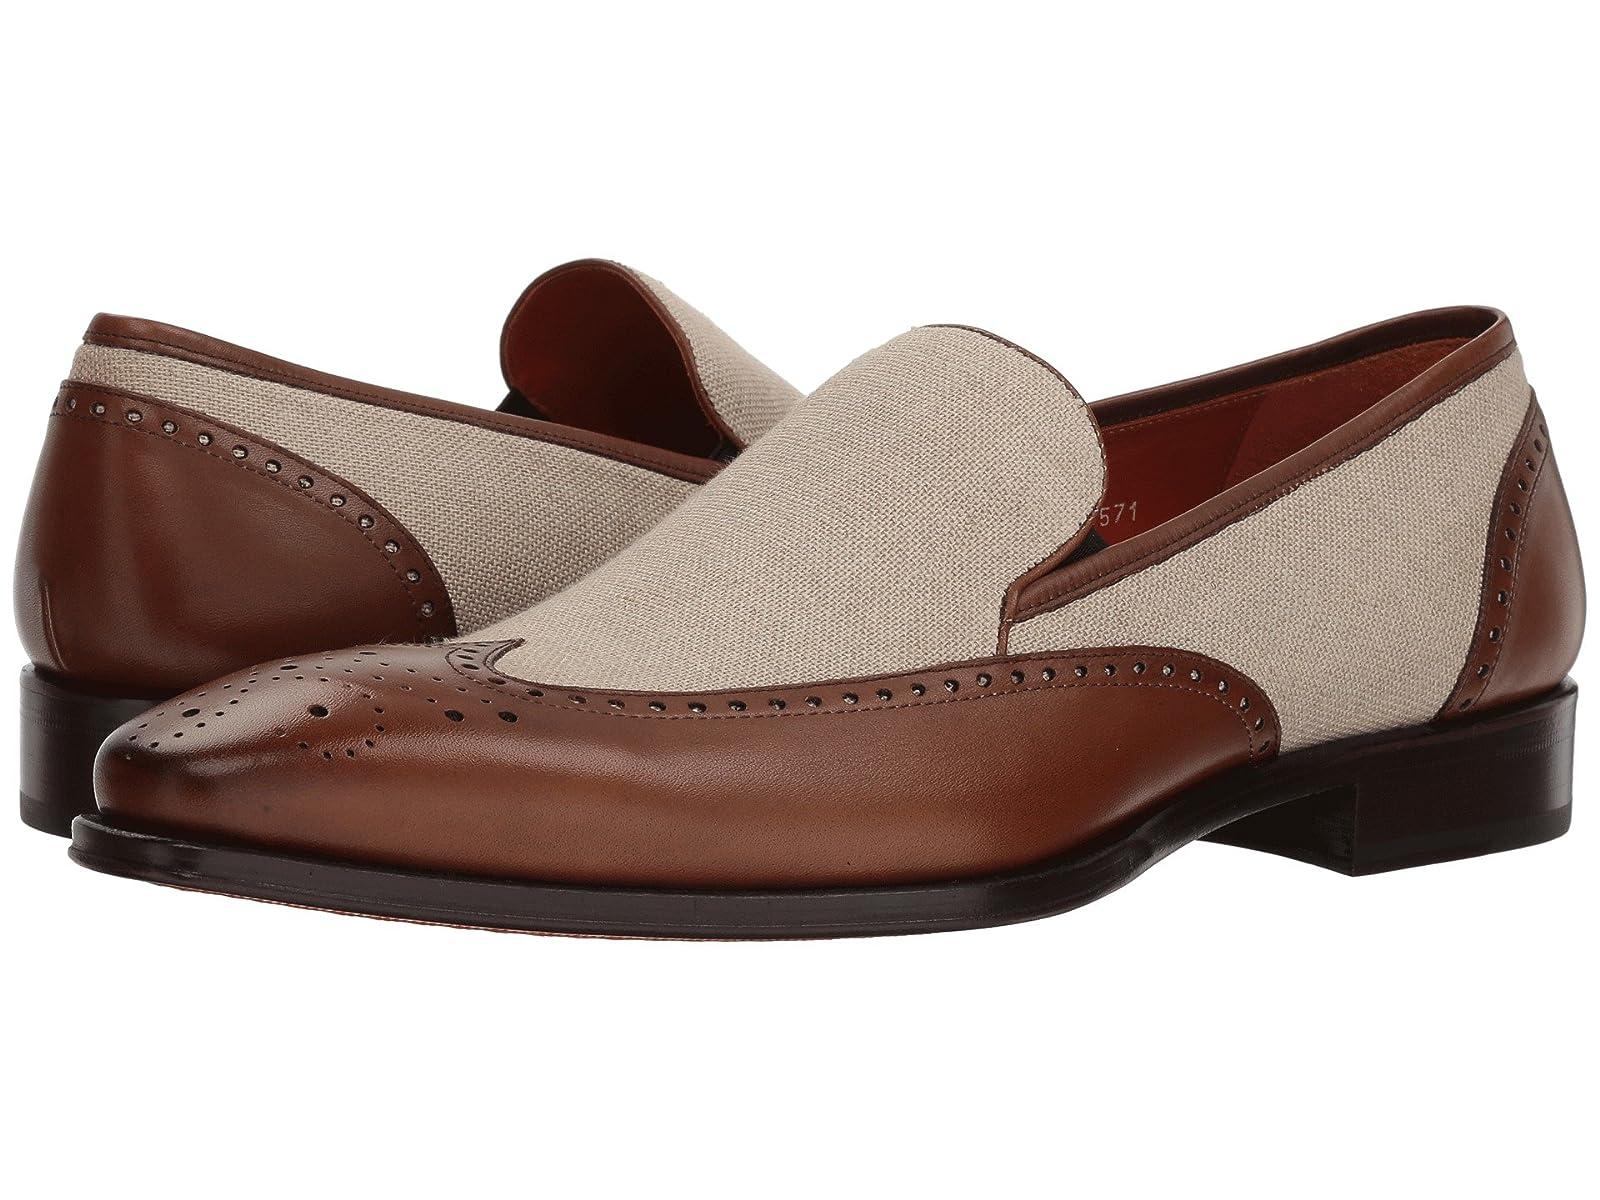 Mezlan LundAtmospheric grades have affordable shoes